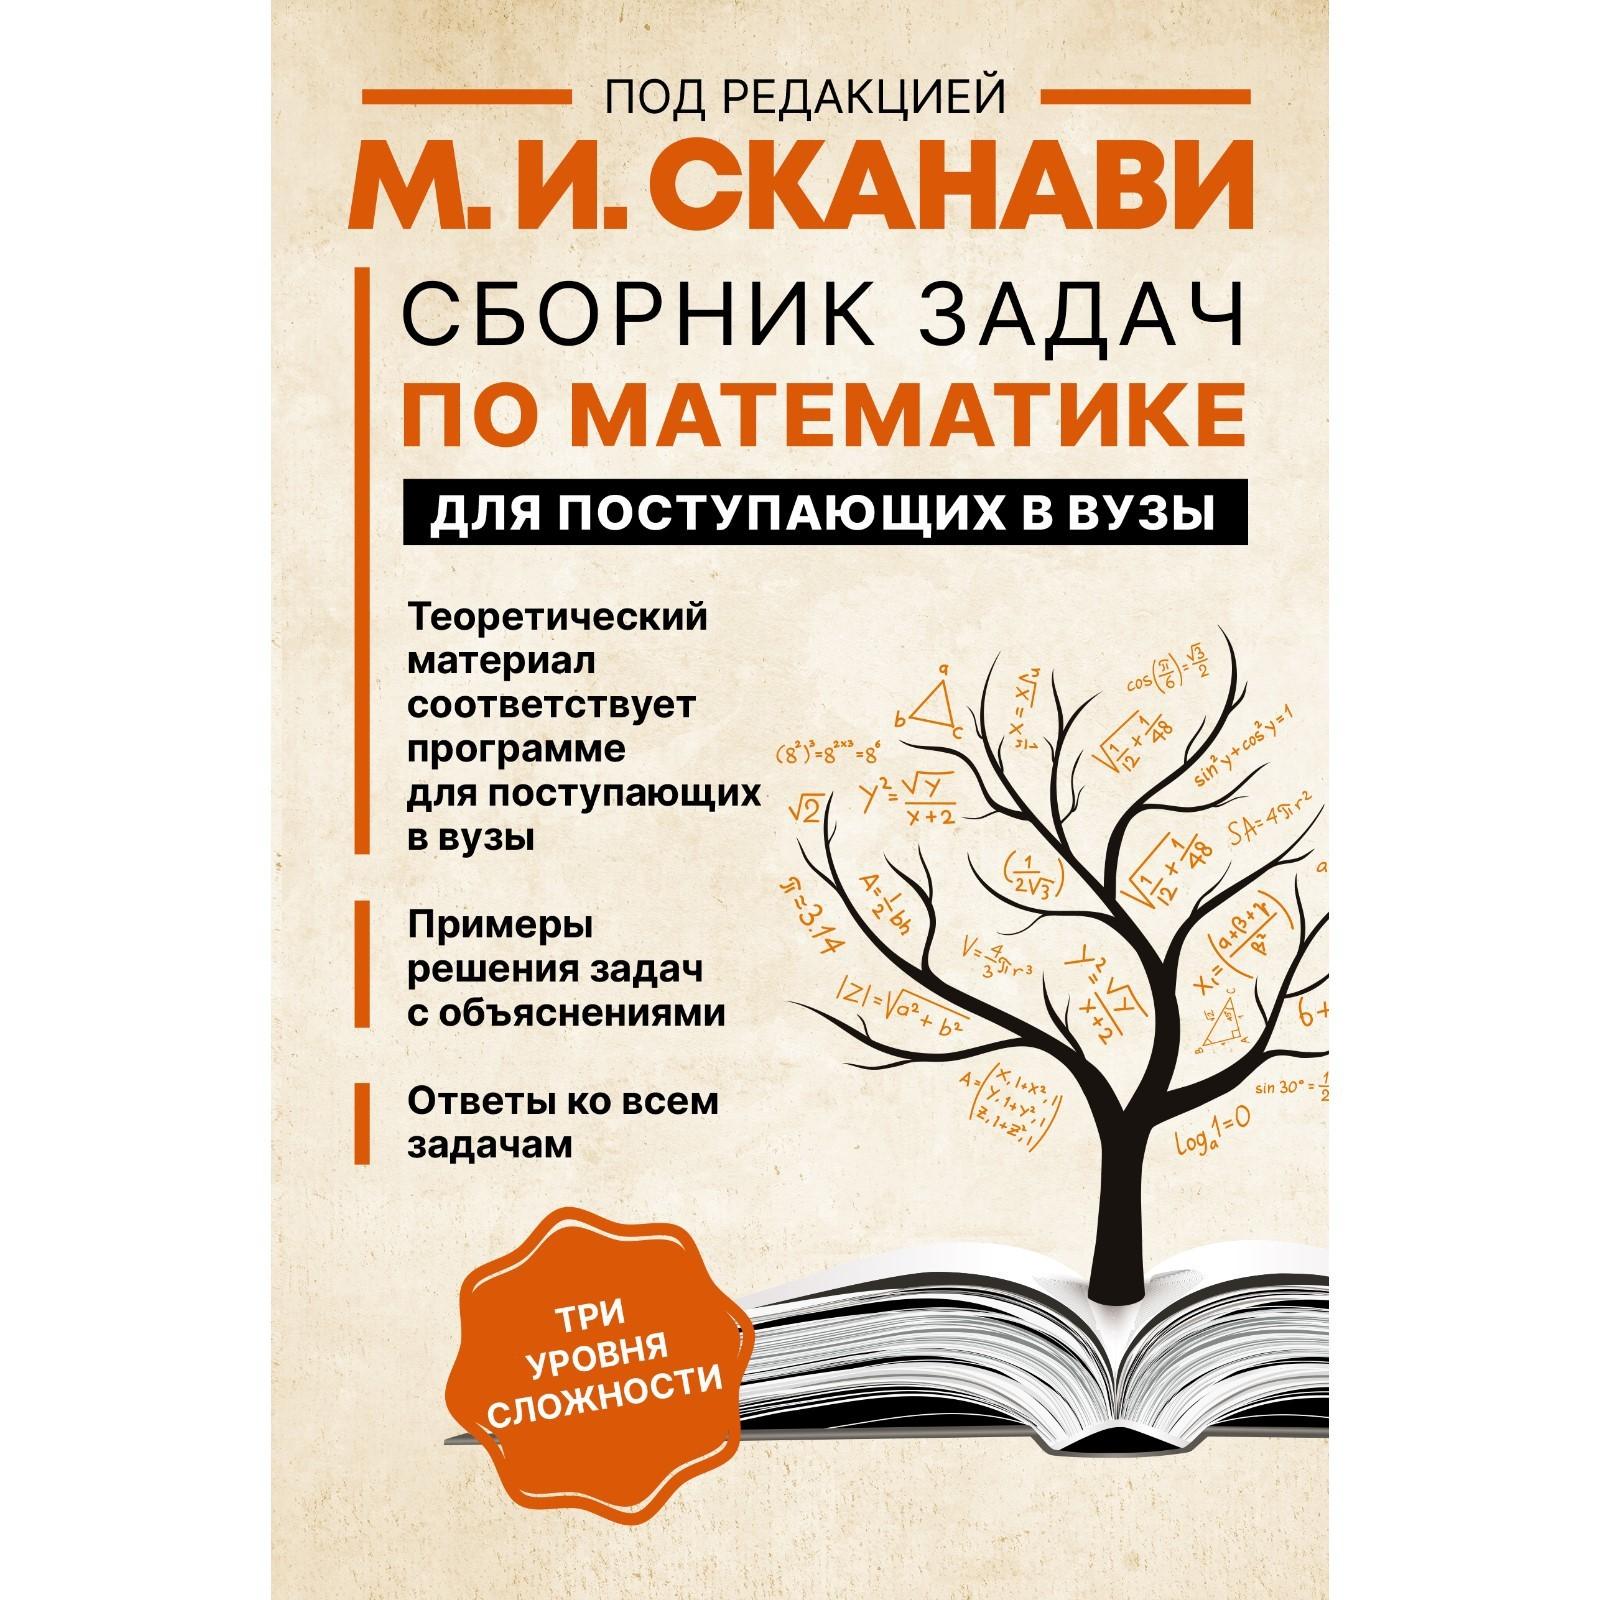 Сборник задач по математике с решением сканави практический метод решения задач в начальной школе